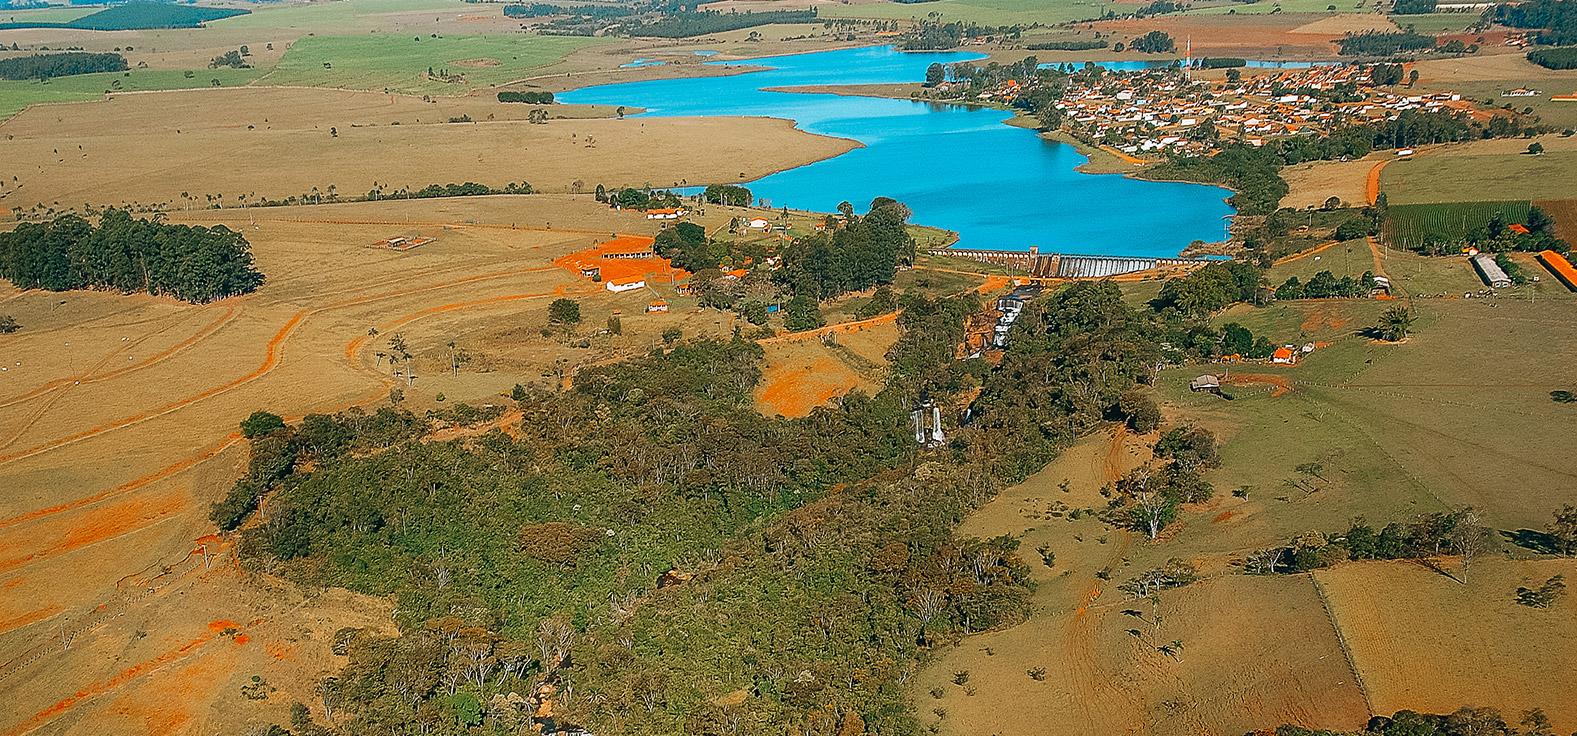 Parque Jacaré em Brotas | Portal Serra do Itaquerí